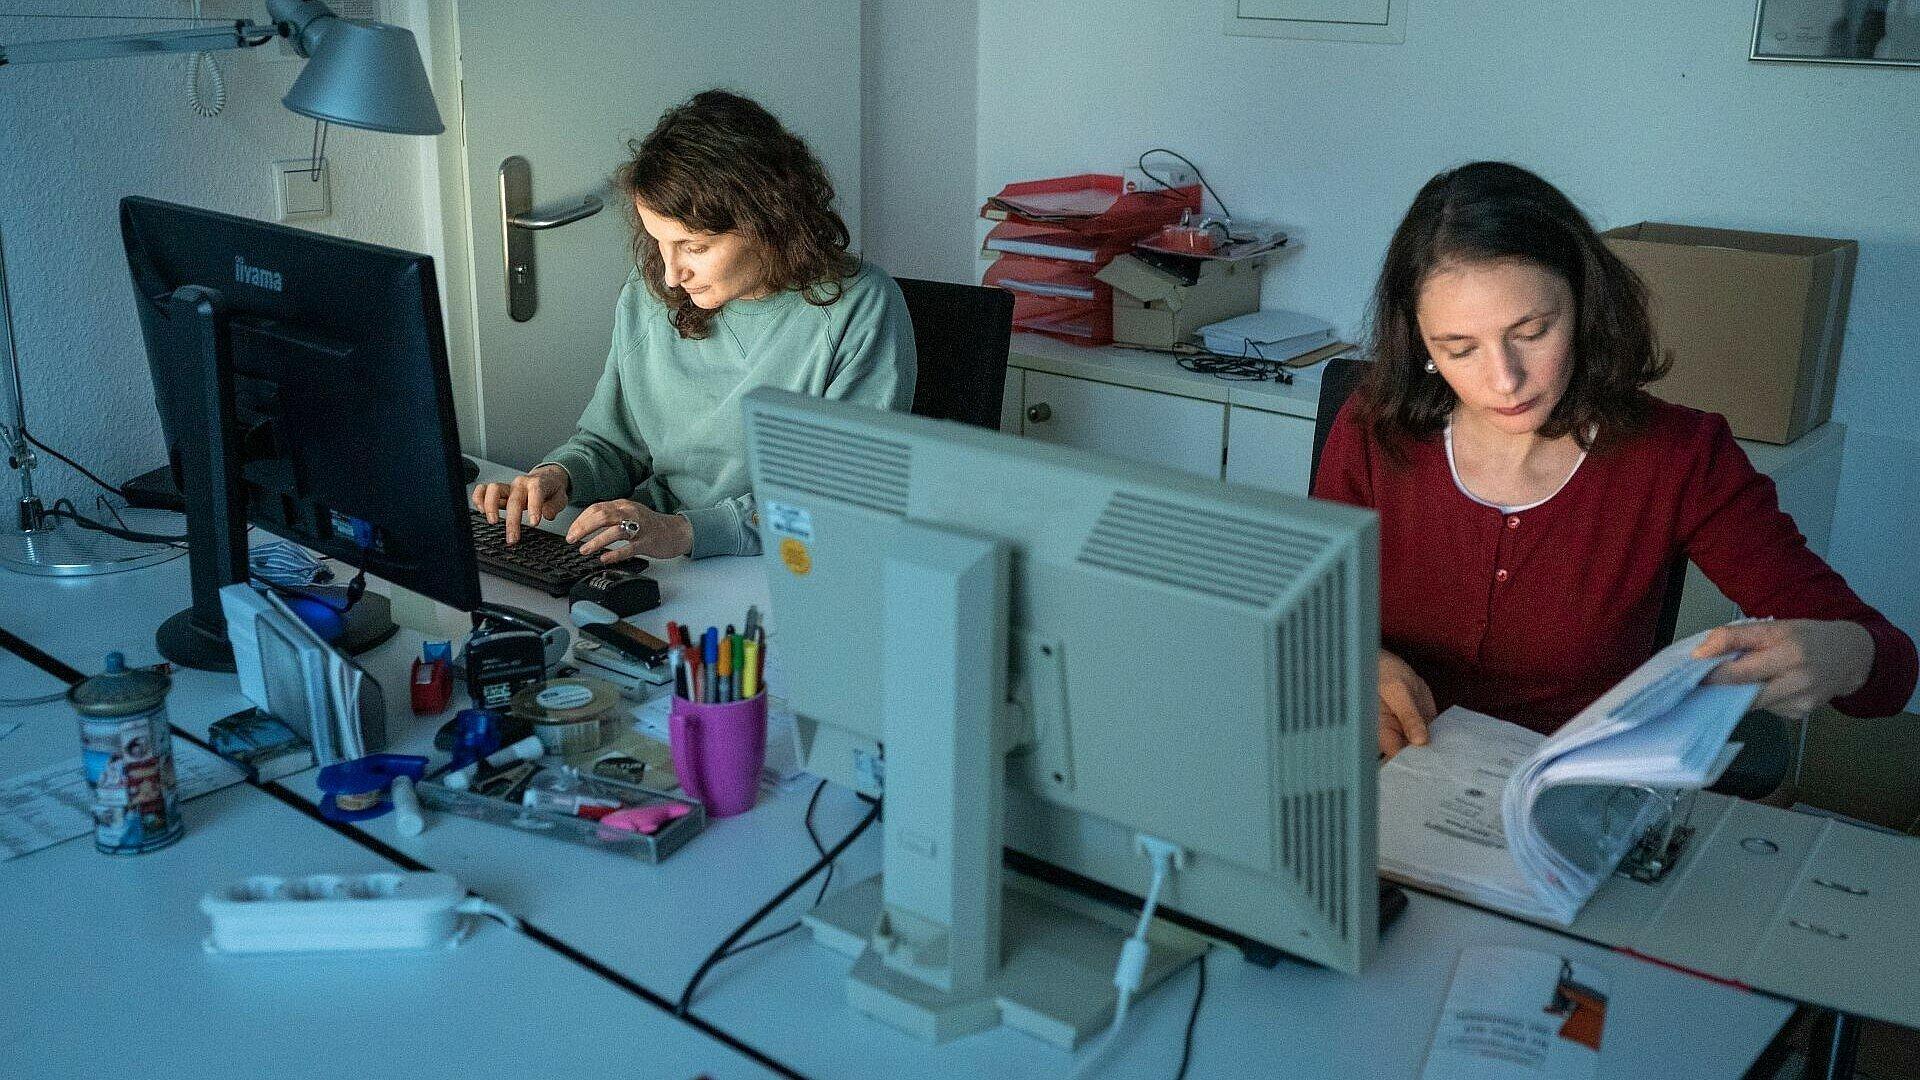 Datenpflege und Ticketvermittlung am Rechner im Büro der Kulturliste Köln